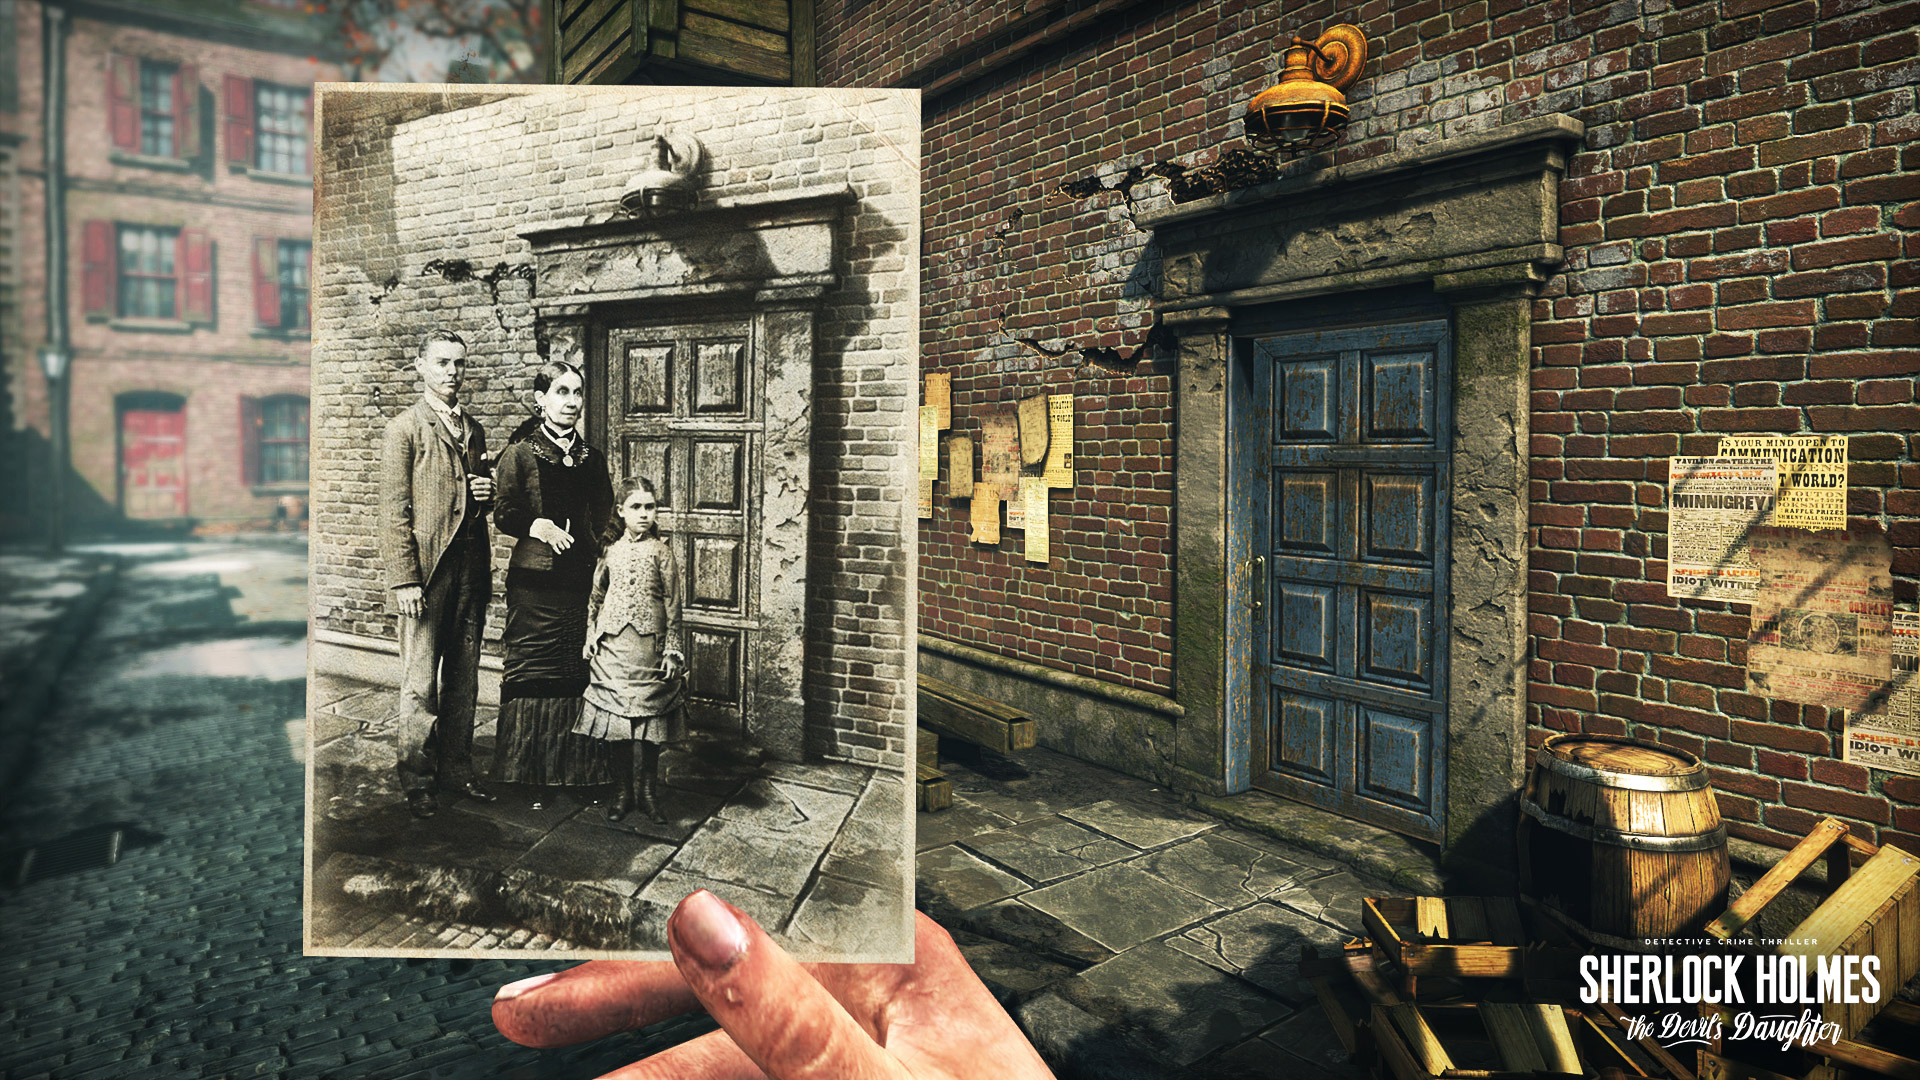 Sherlock Holmes: The Devil's Daughter Wallpaper in 1920x1080